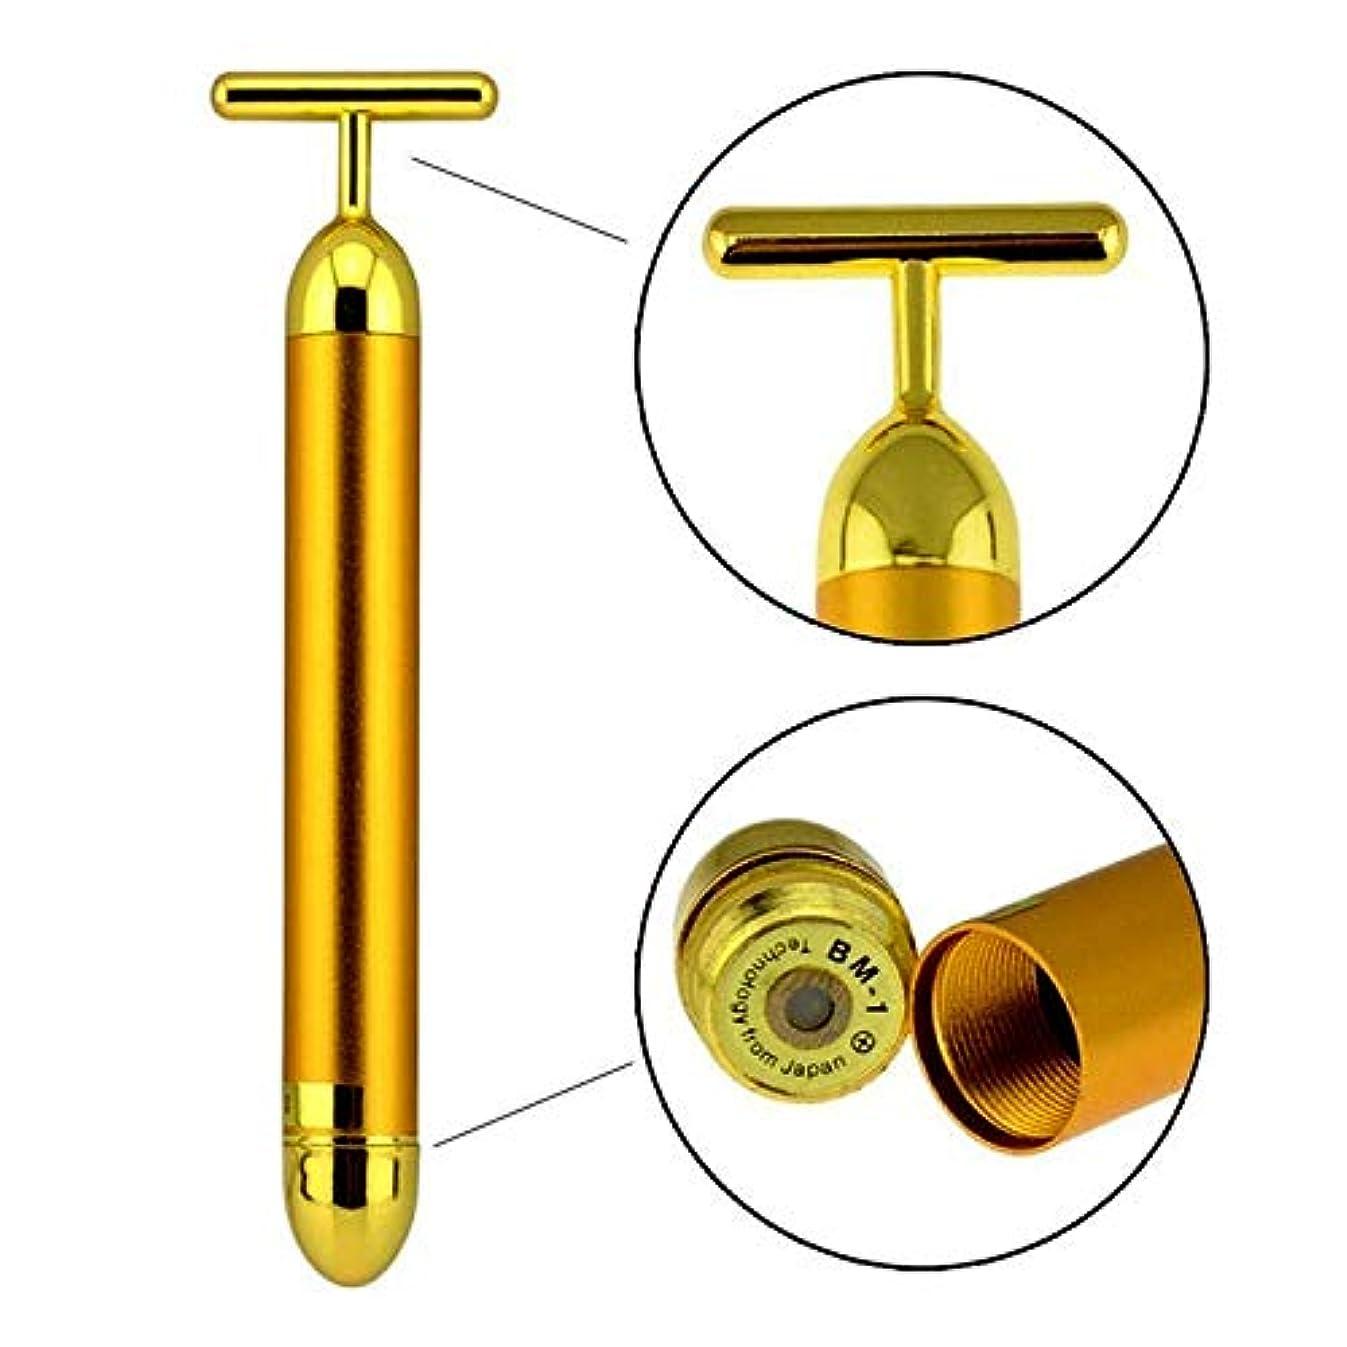 発表する下持っている24k金美棒、電子顔のローラーの防水マイクロ振動のマッサージャー